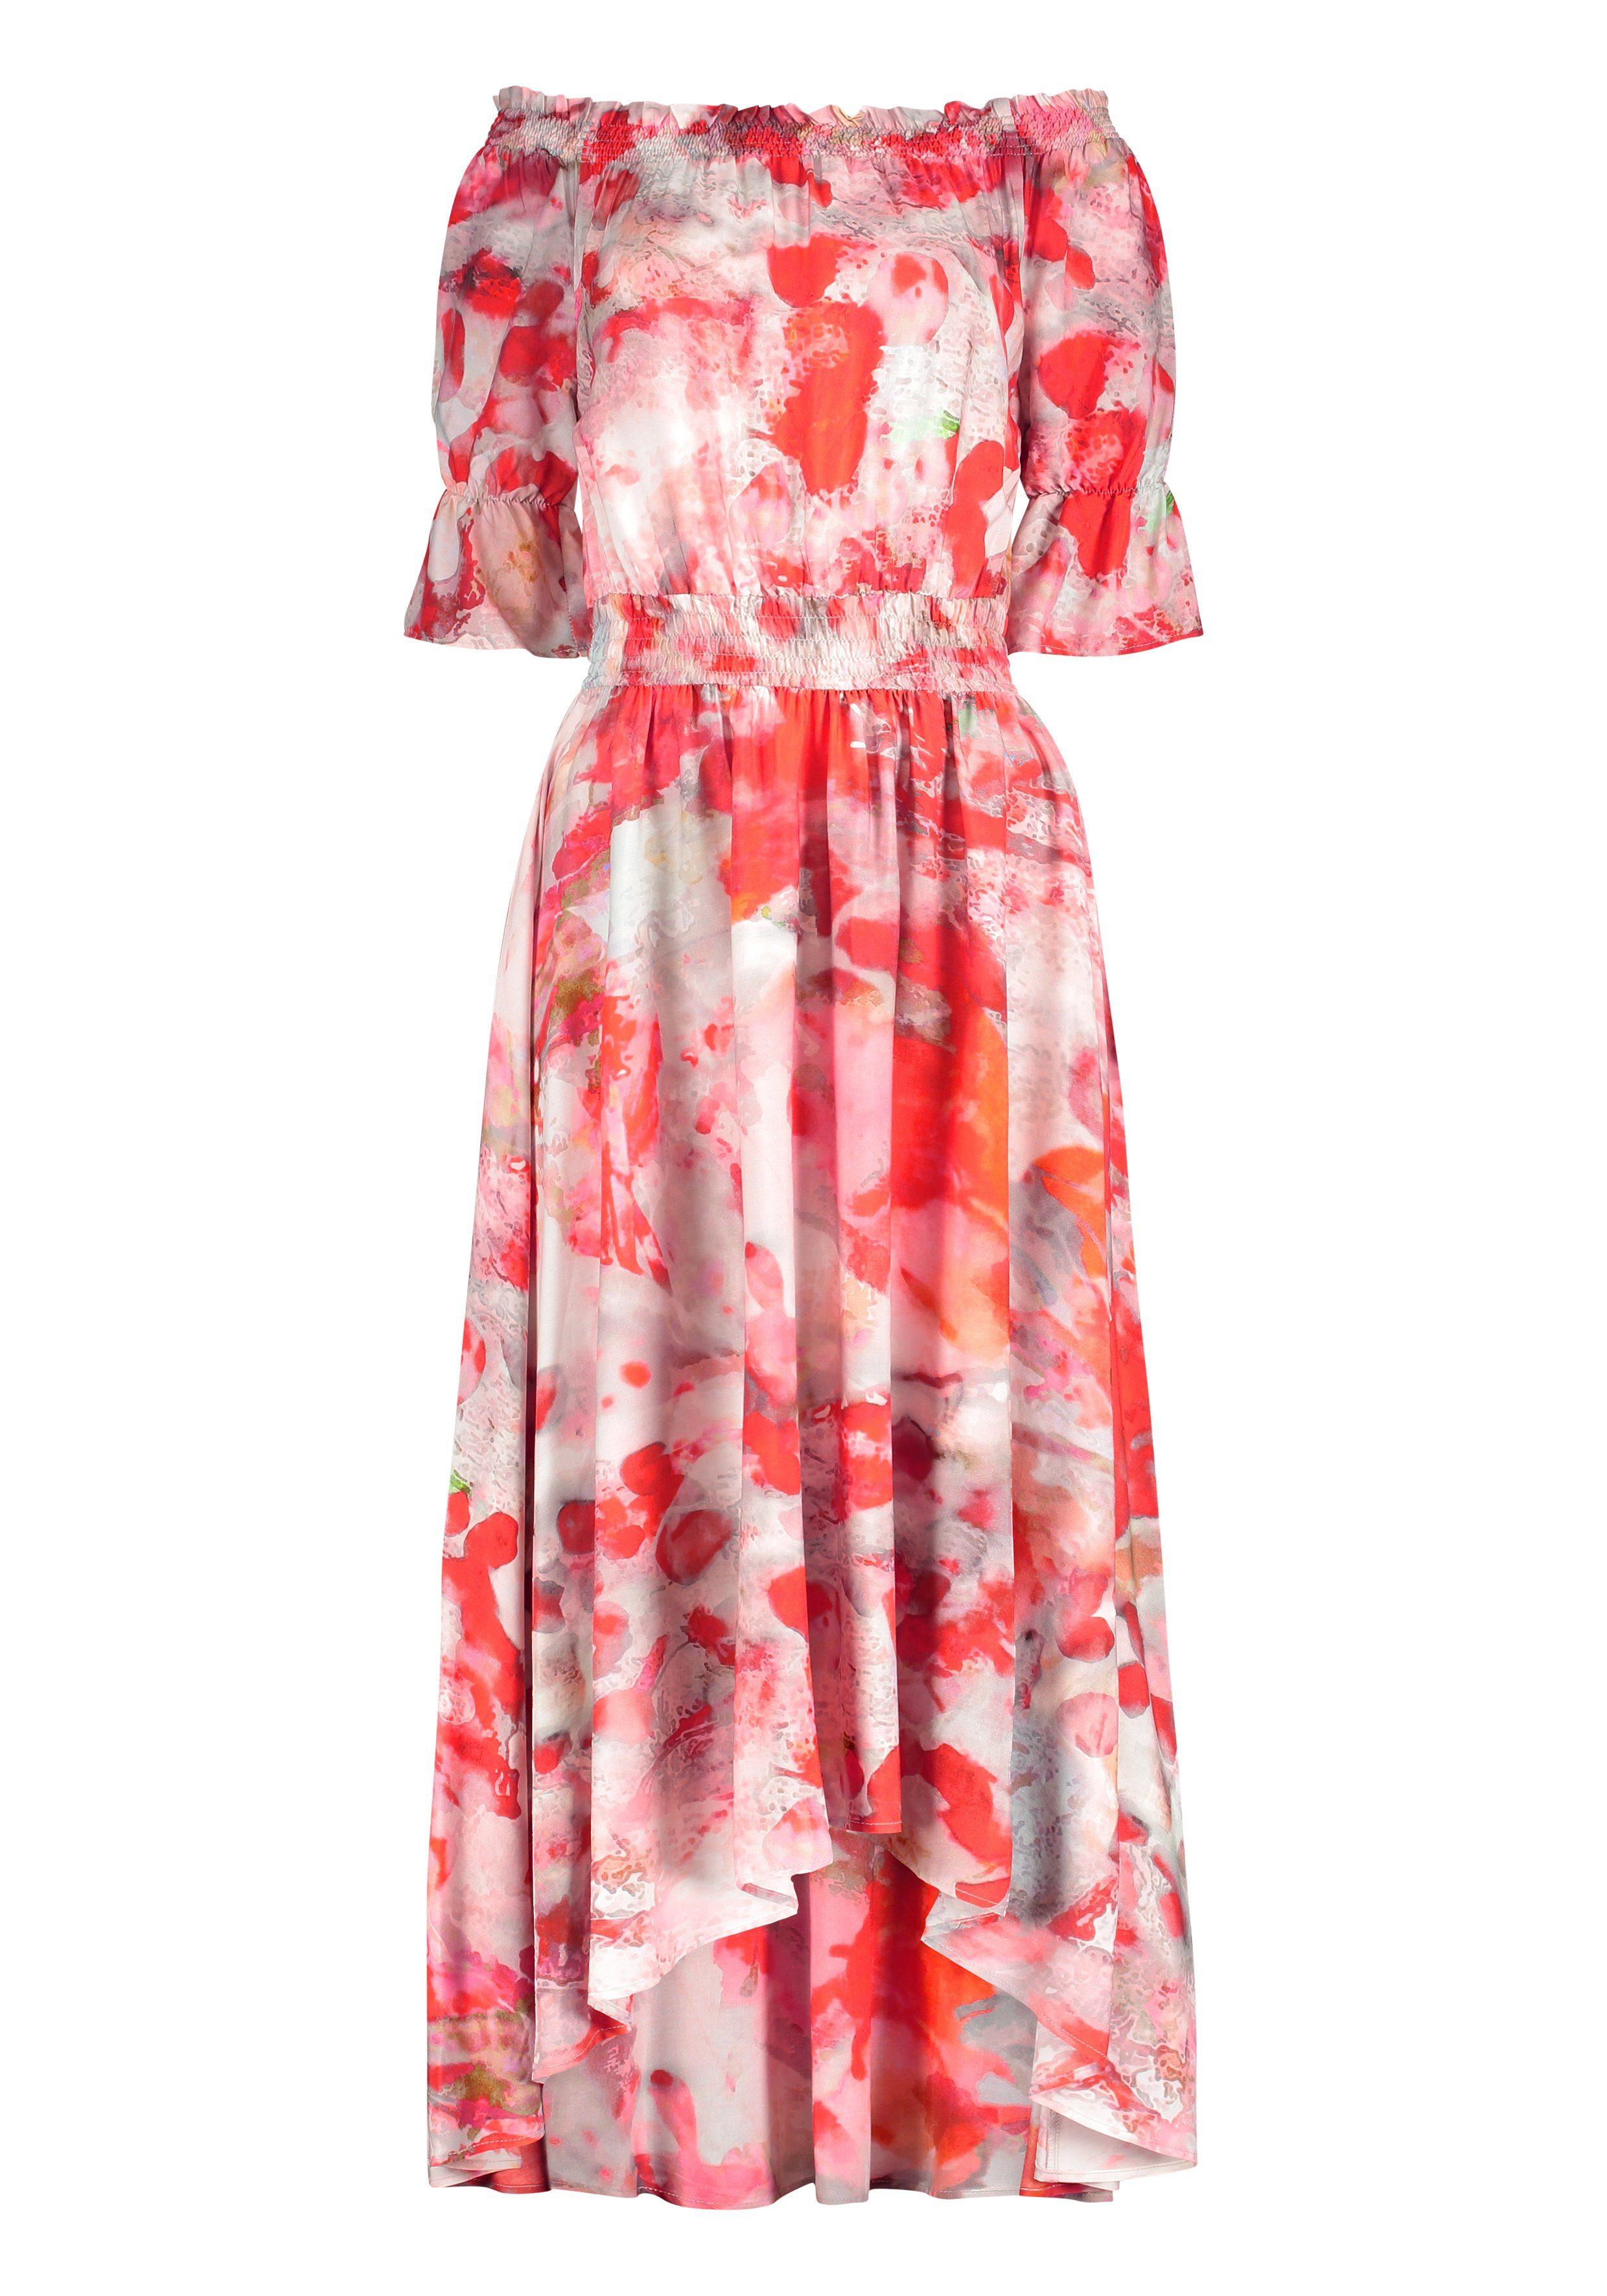 Nicowa Kleid NERMINI mit Carmenaussschnitt und Batik-Muster